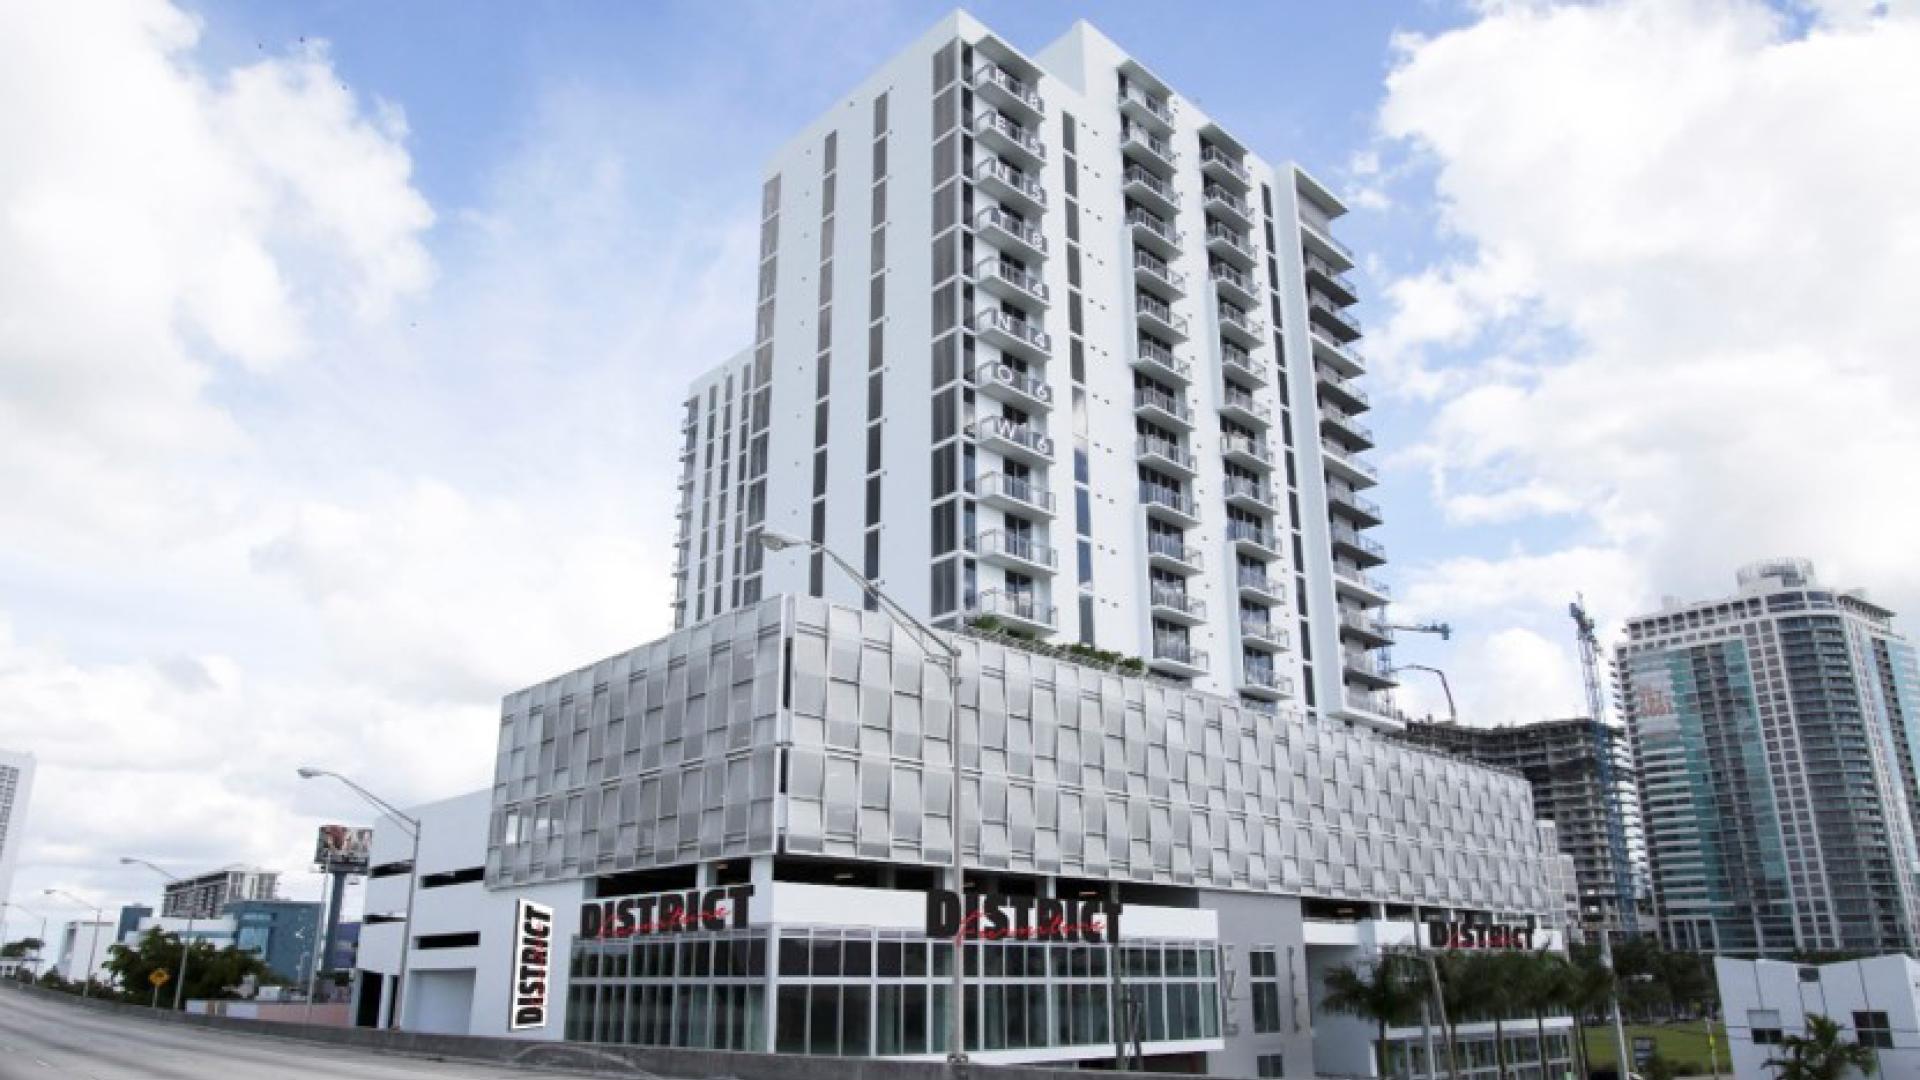 District 36 - Midtown Miami